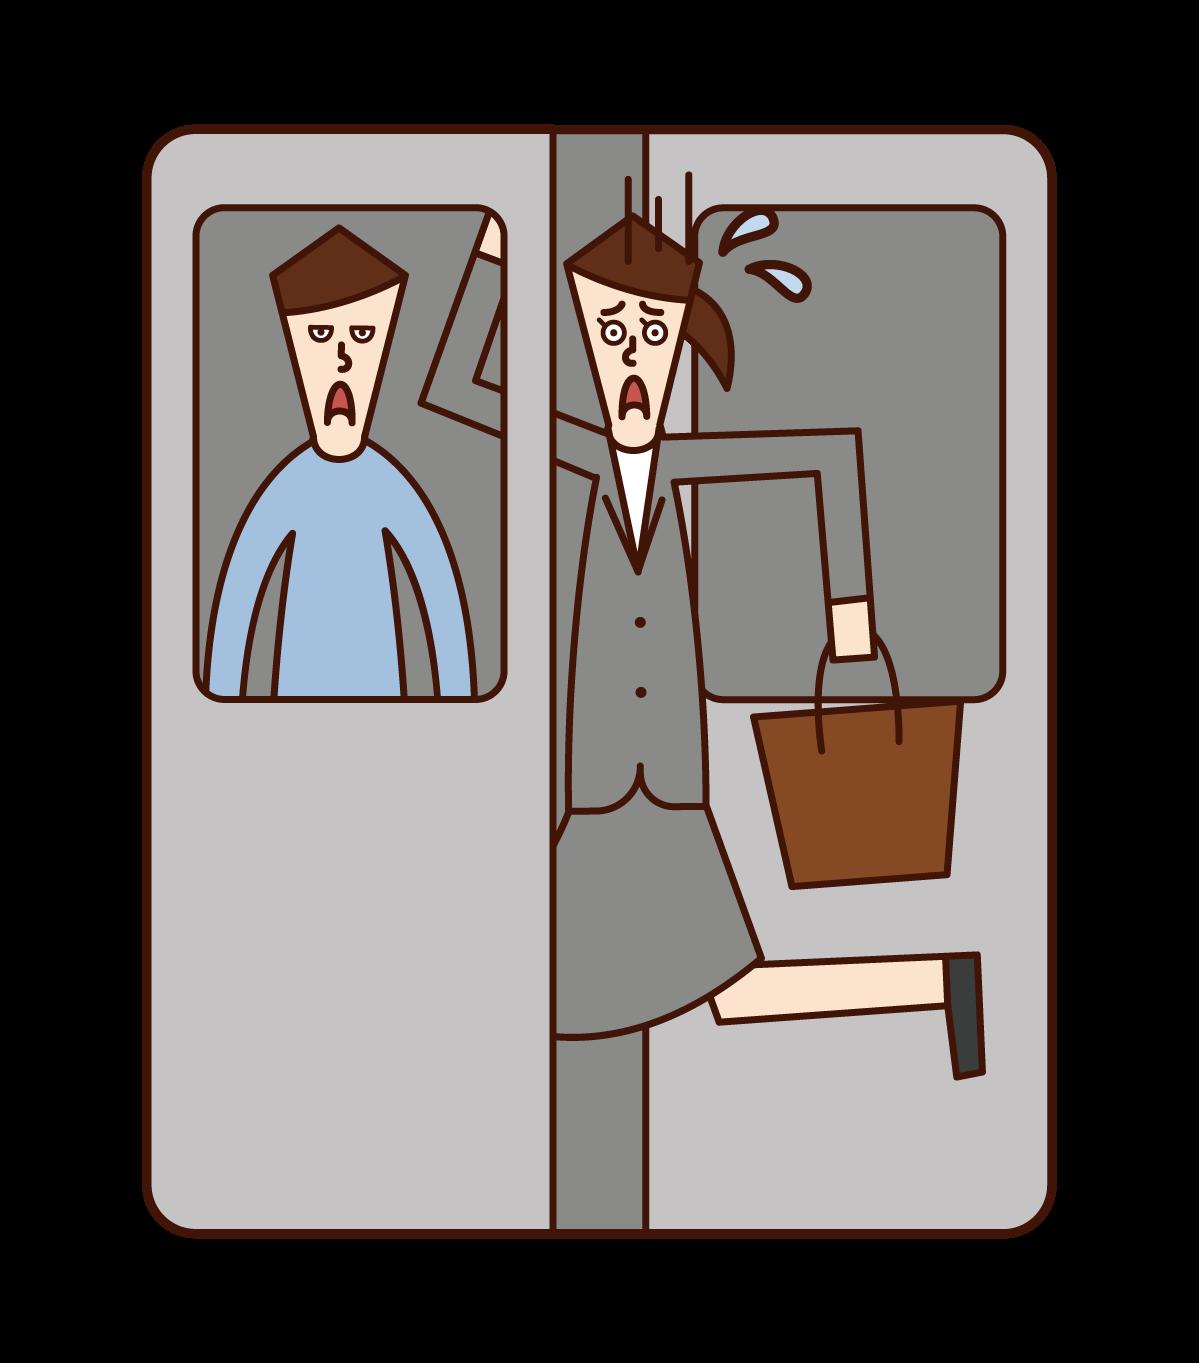 駆け込み乗車をする人(女性)のイラスト